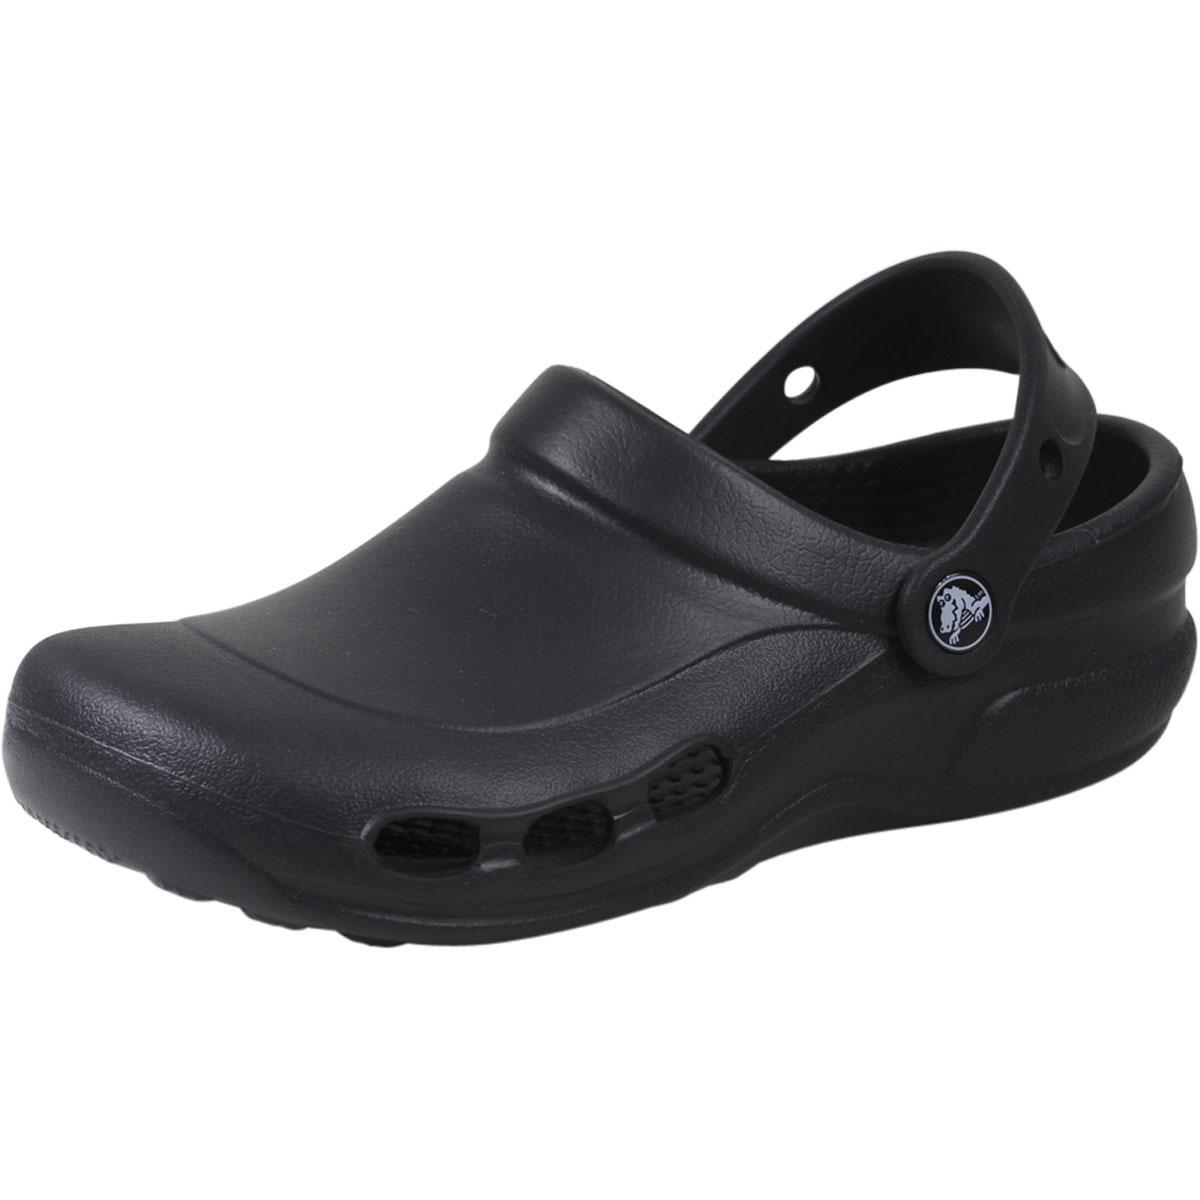 Image of Crocs At Work Specialist Vent Clogs Sandals Shoes - Black - 6 D(M) US/8 B(M) US